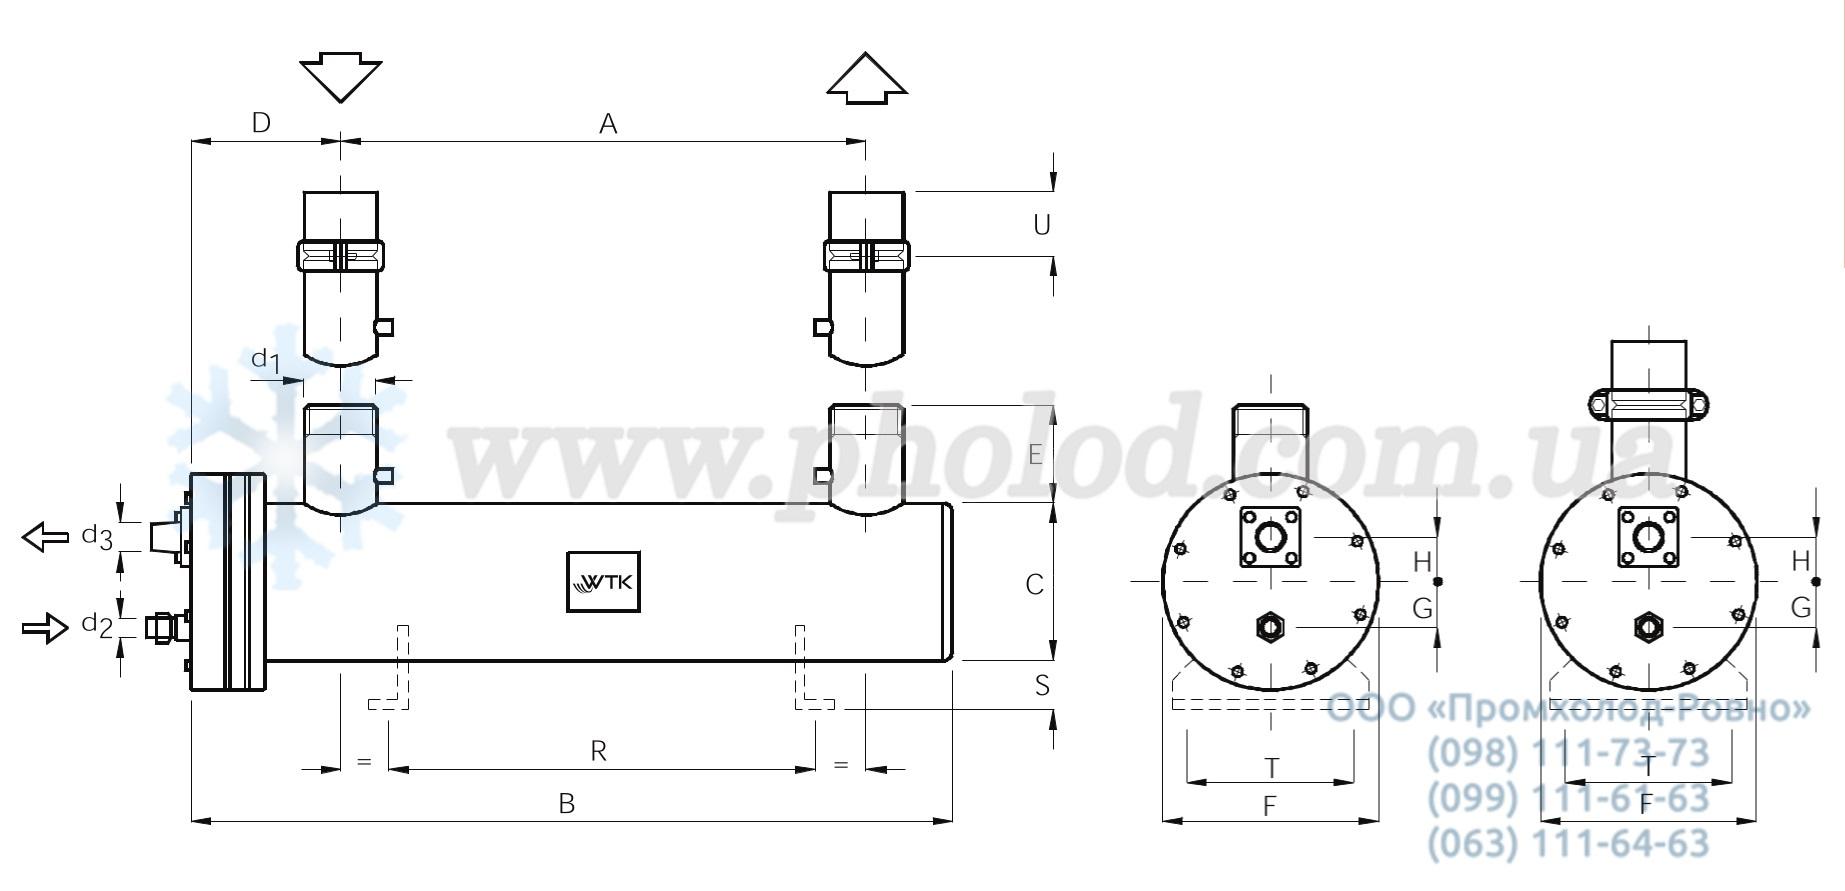 Кожухотрубный конденсатор Alfa Laval CXPM 163-M 1P CE Ижевск Уплотнения теплообменника Alfa Laval M3-FG Жуковский